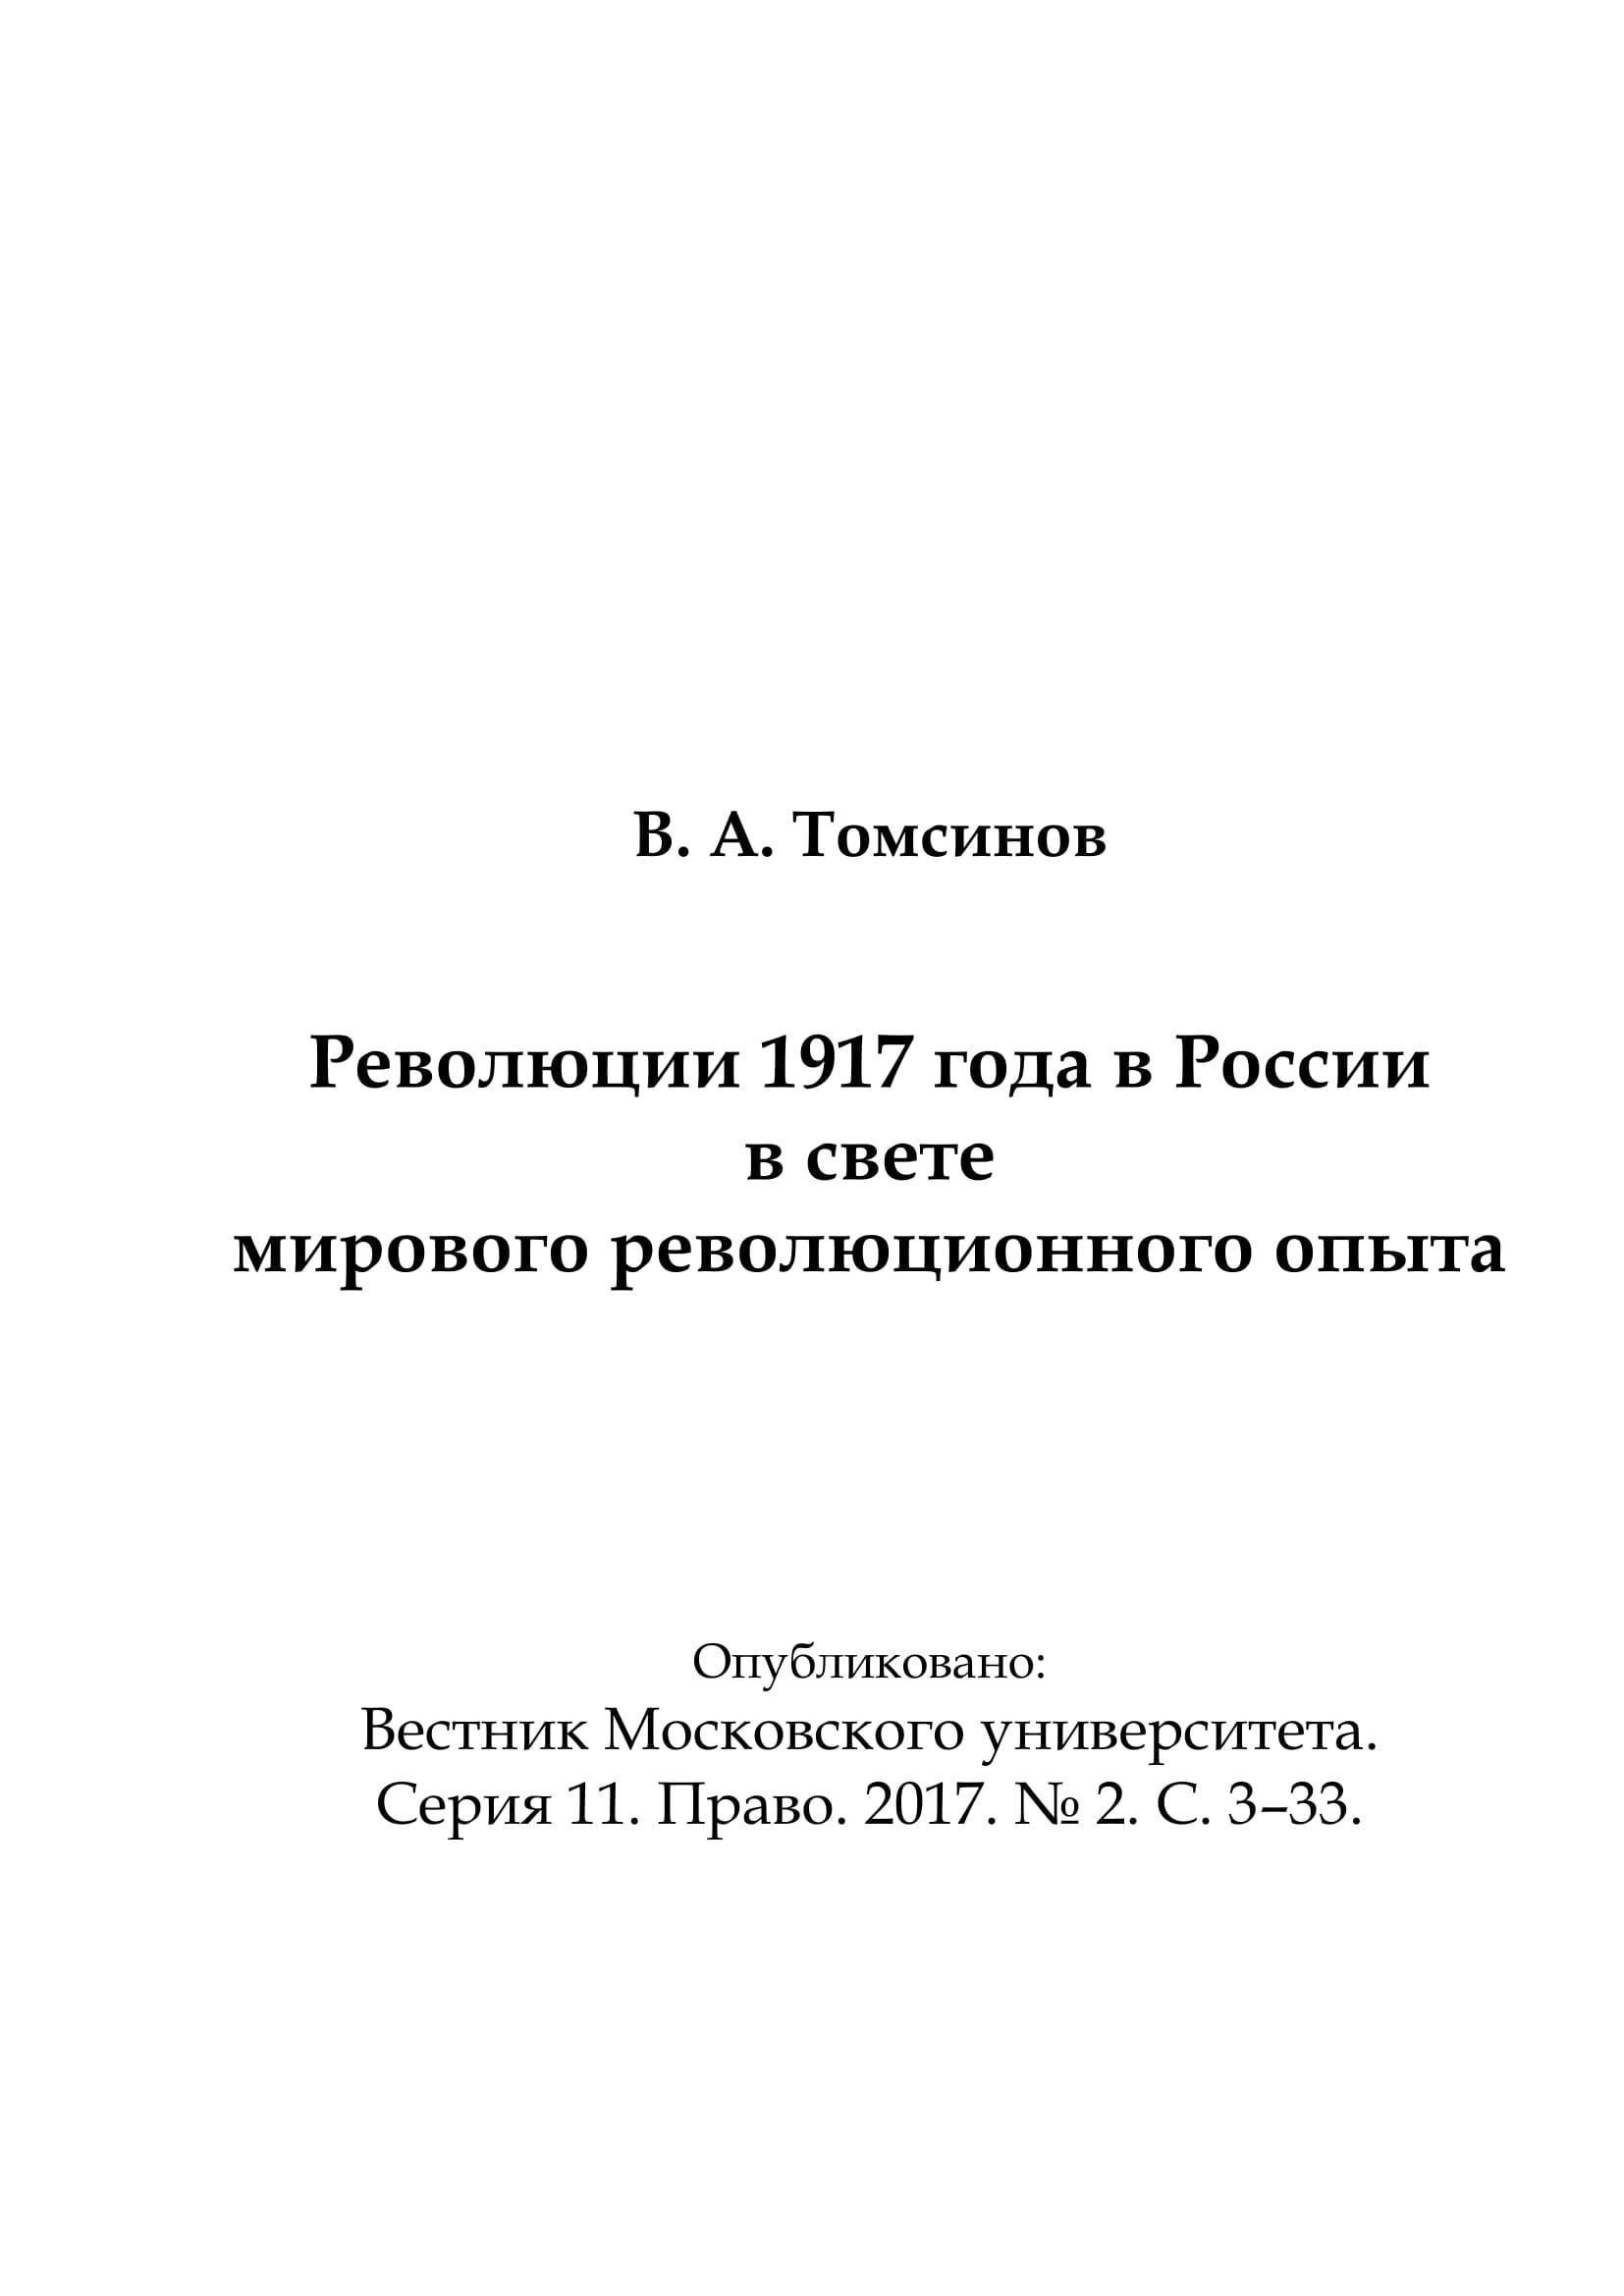 Томсинов В.А. Революции 1917 г. в России в свете мирового революционного опыта